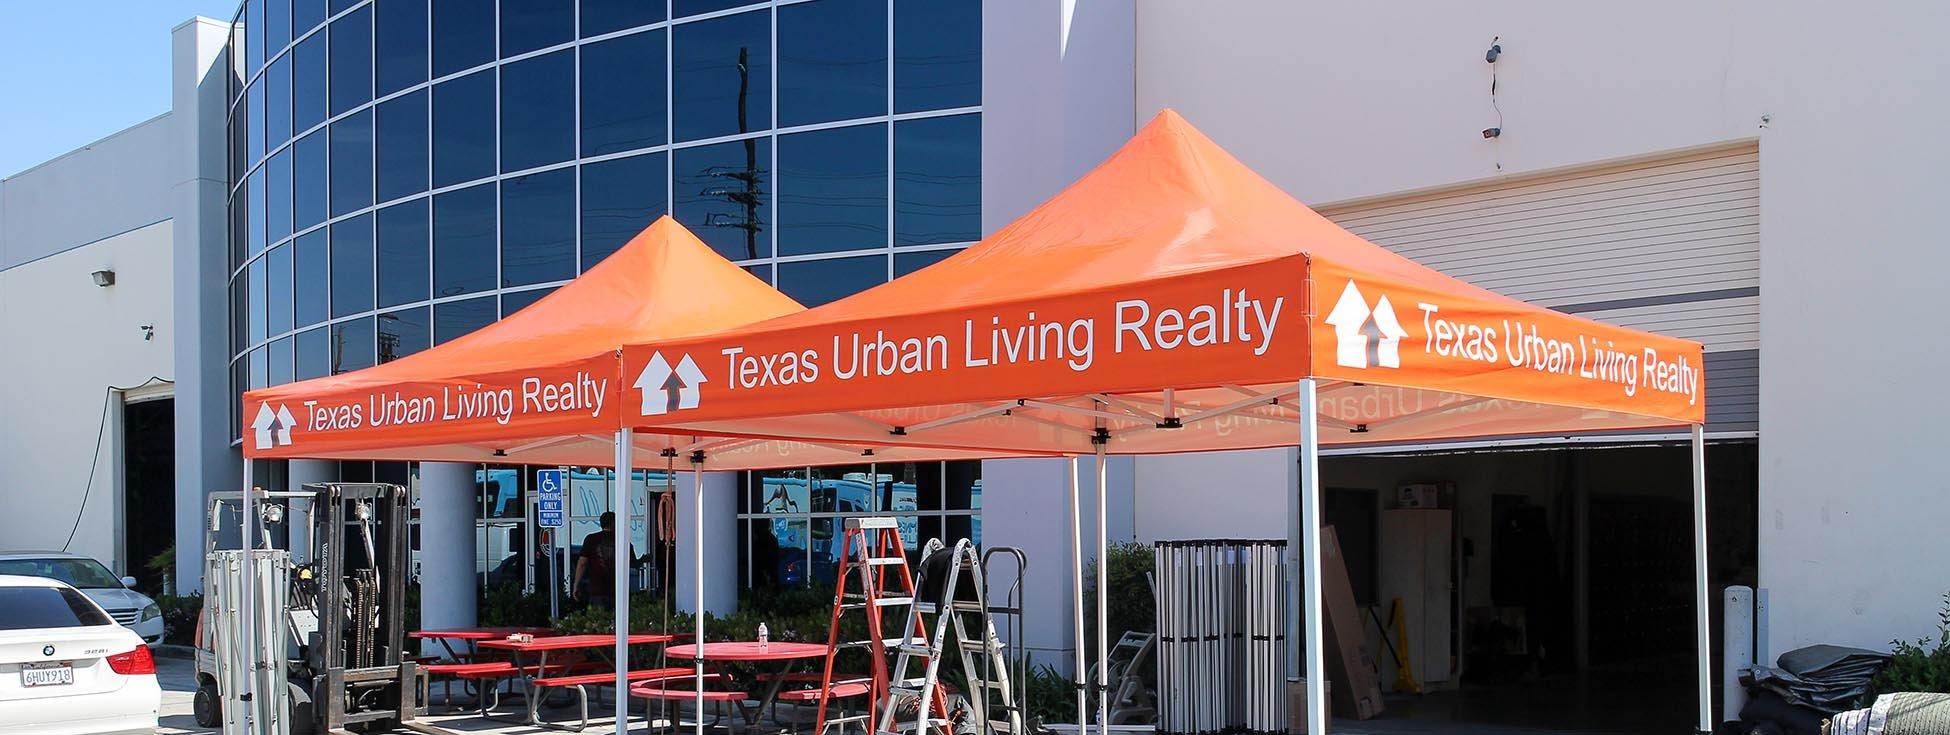 texas-urban-living-realty-header.jpg